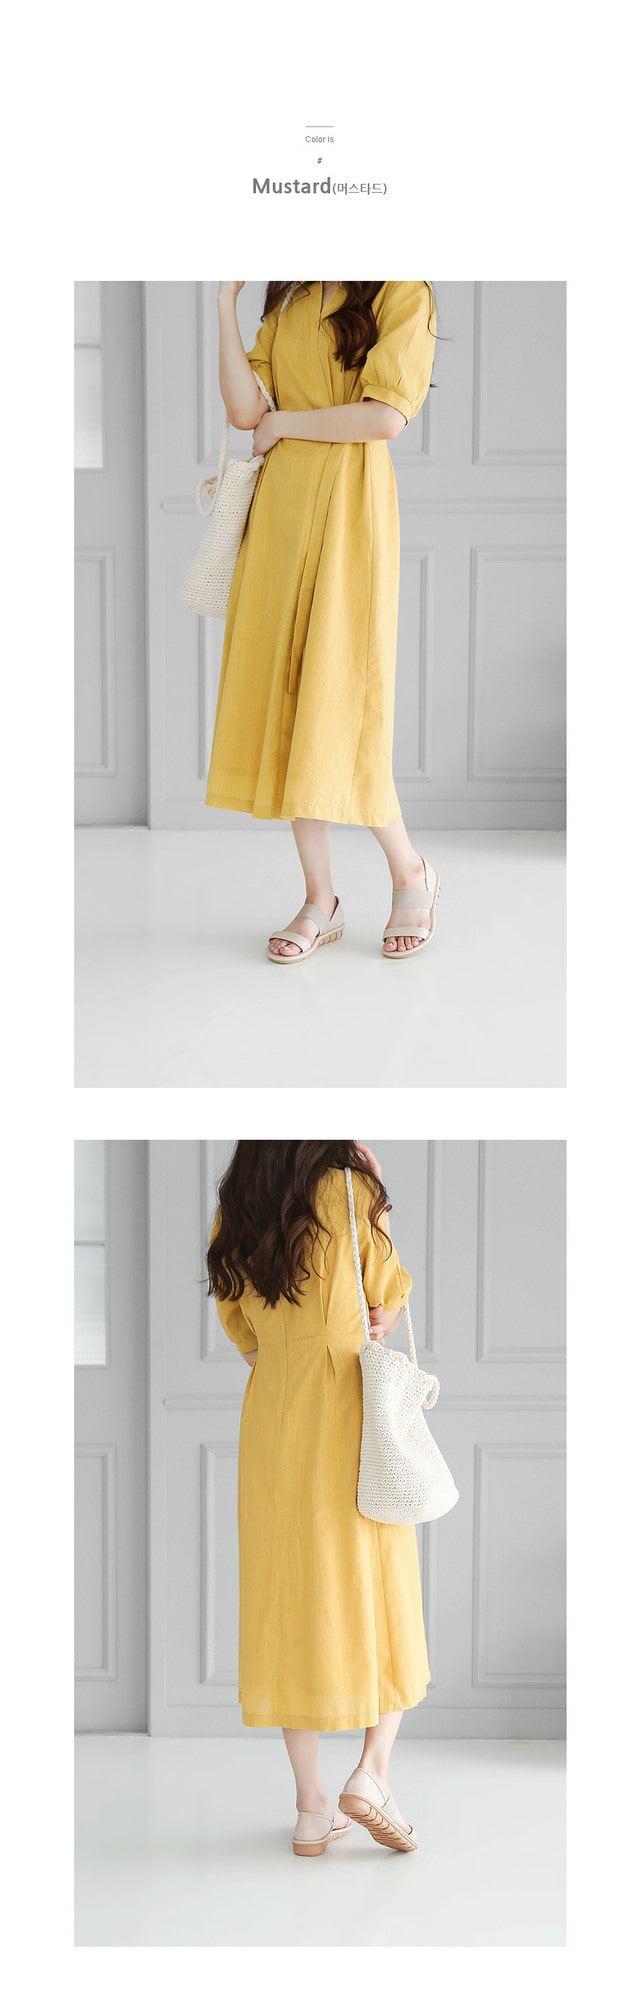 Marlund Dress